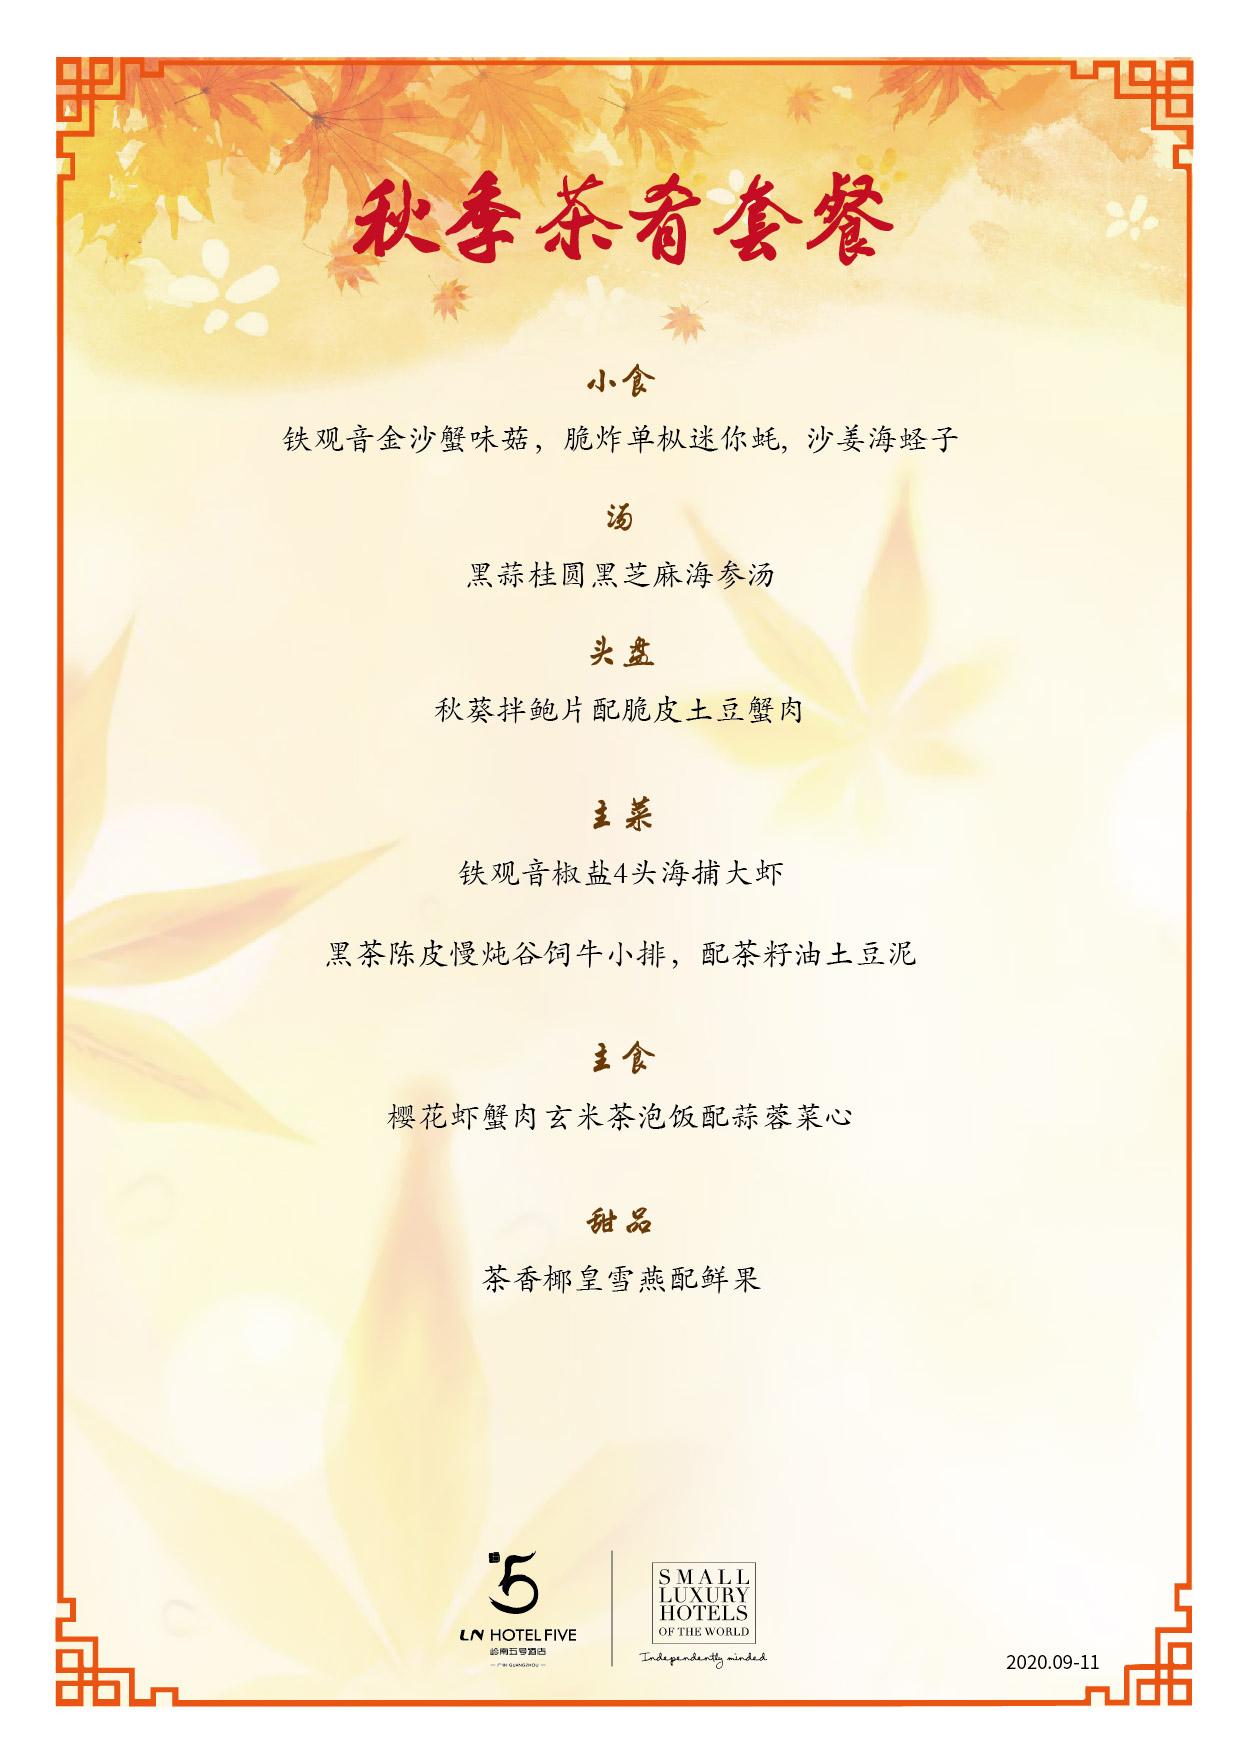 03金秋茶肴套餐(双人)(已删价格).jpg